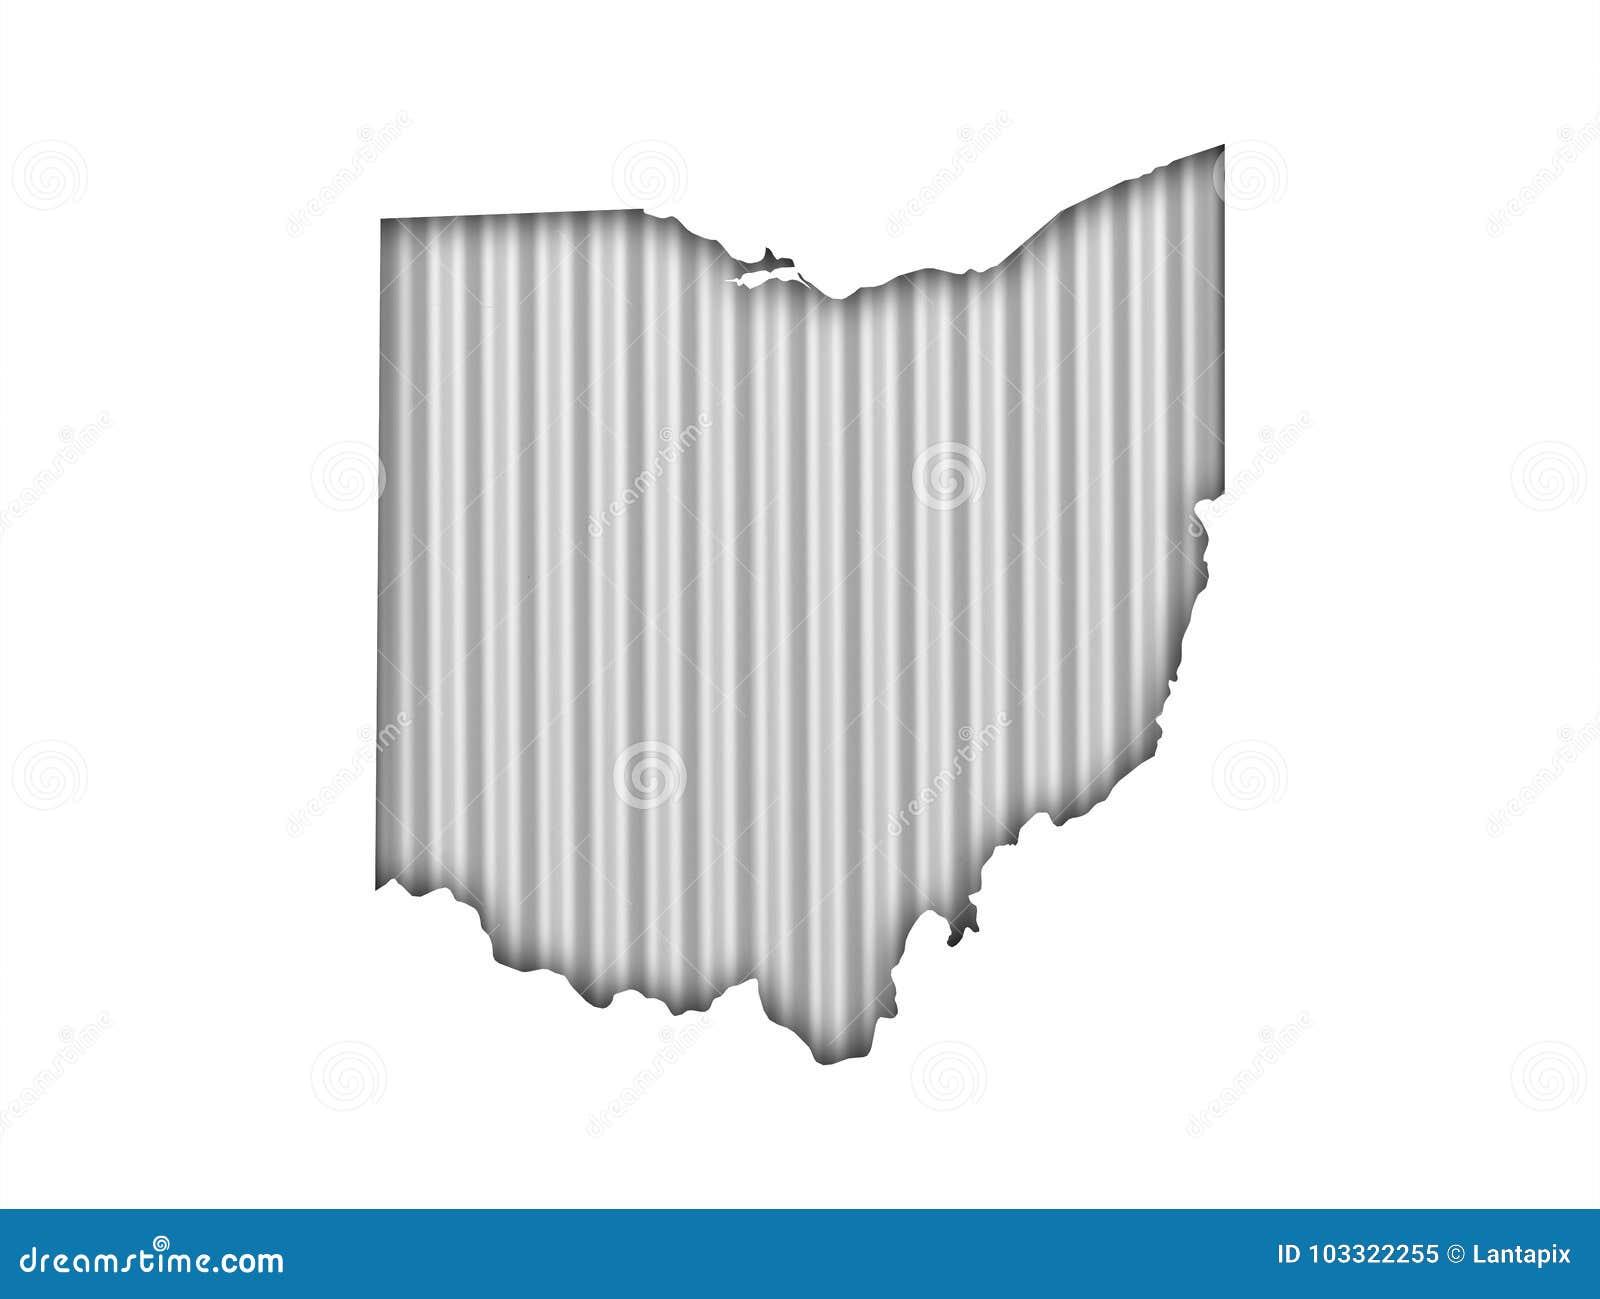 Map of Ohio on corrugated iron